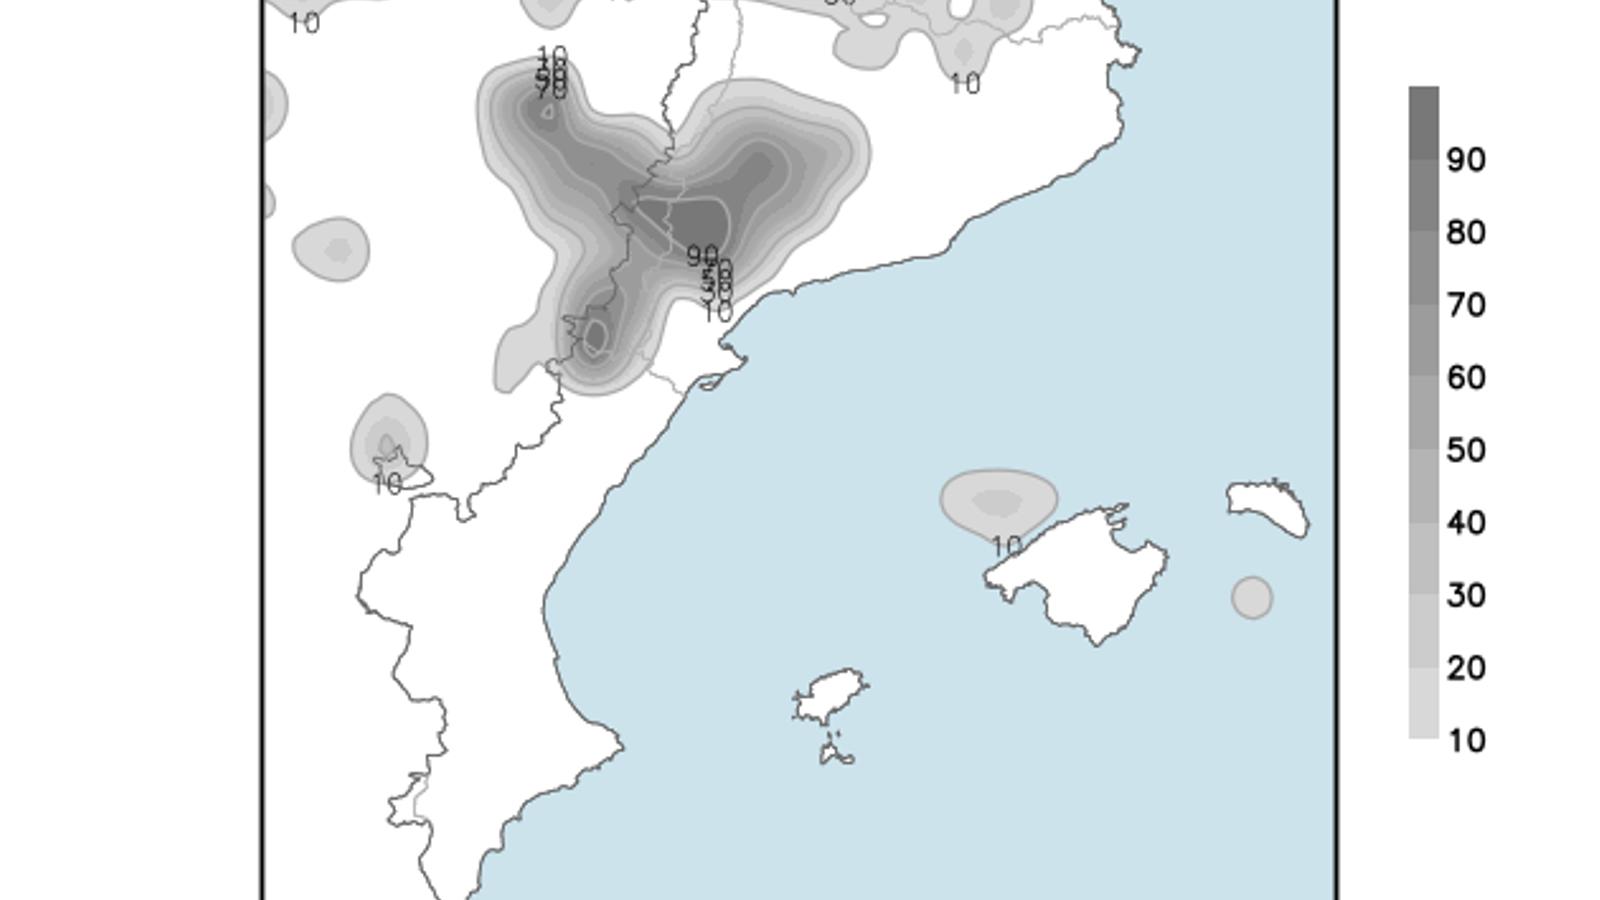 Temps estable, sol i temperatura en lleuger ascens a les Balears